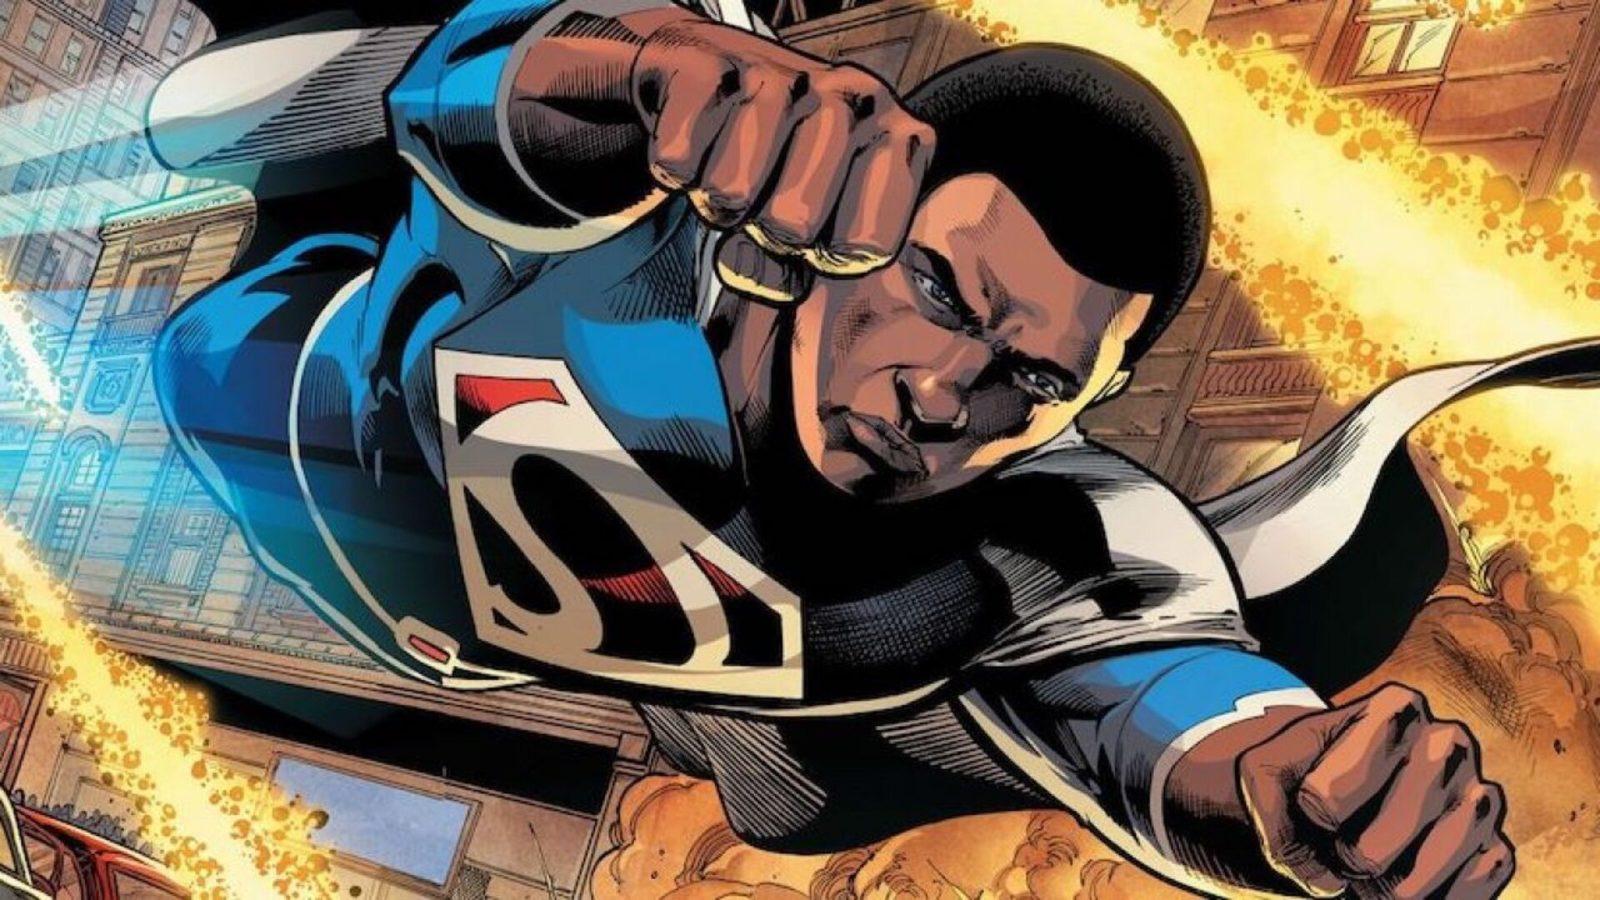 Нового Супермена должен будет поставить чернокожий режиссер